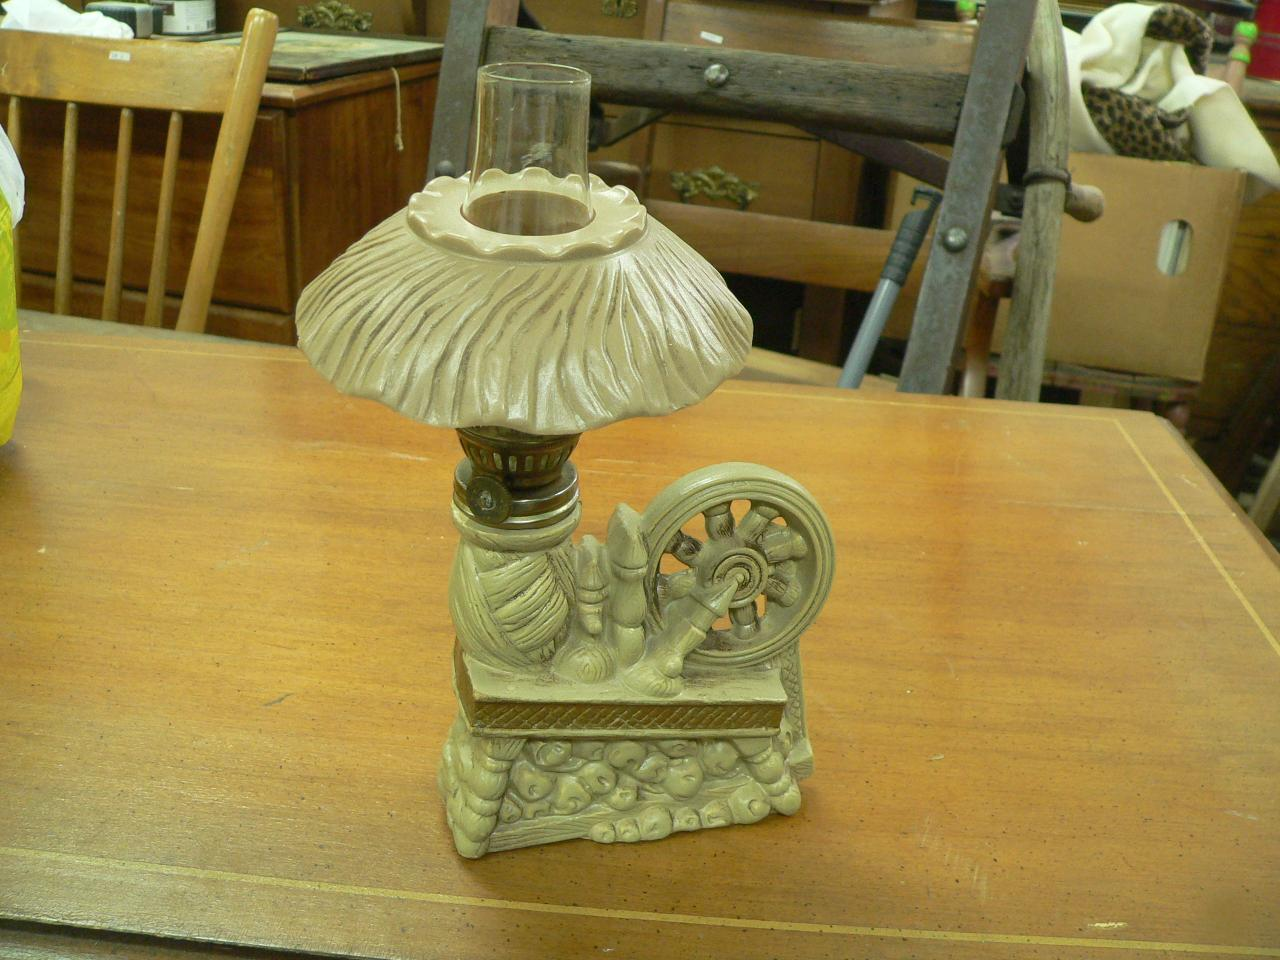 Lampe a l'huile # 1610